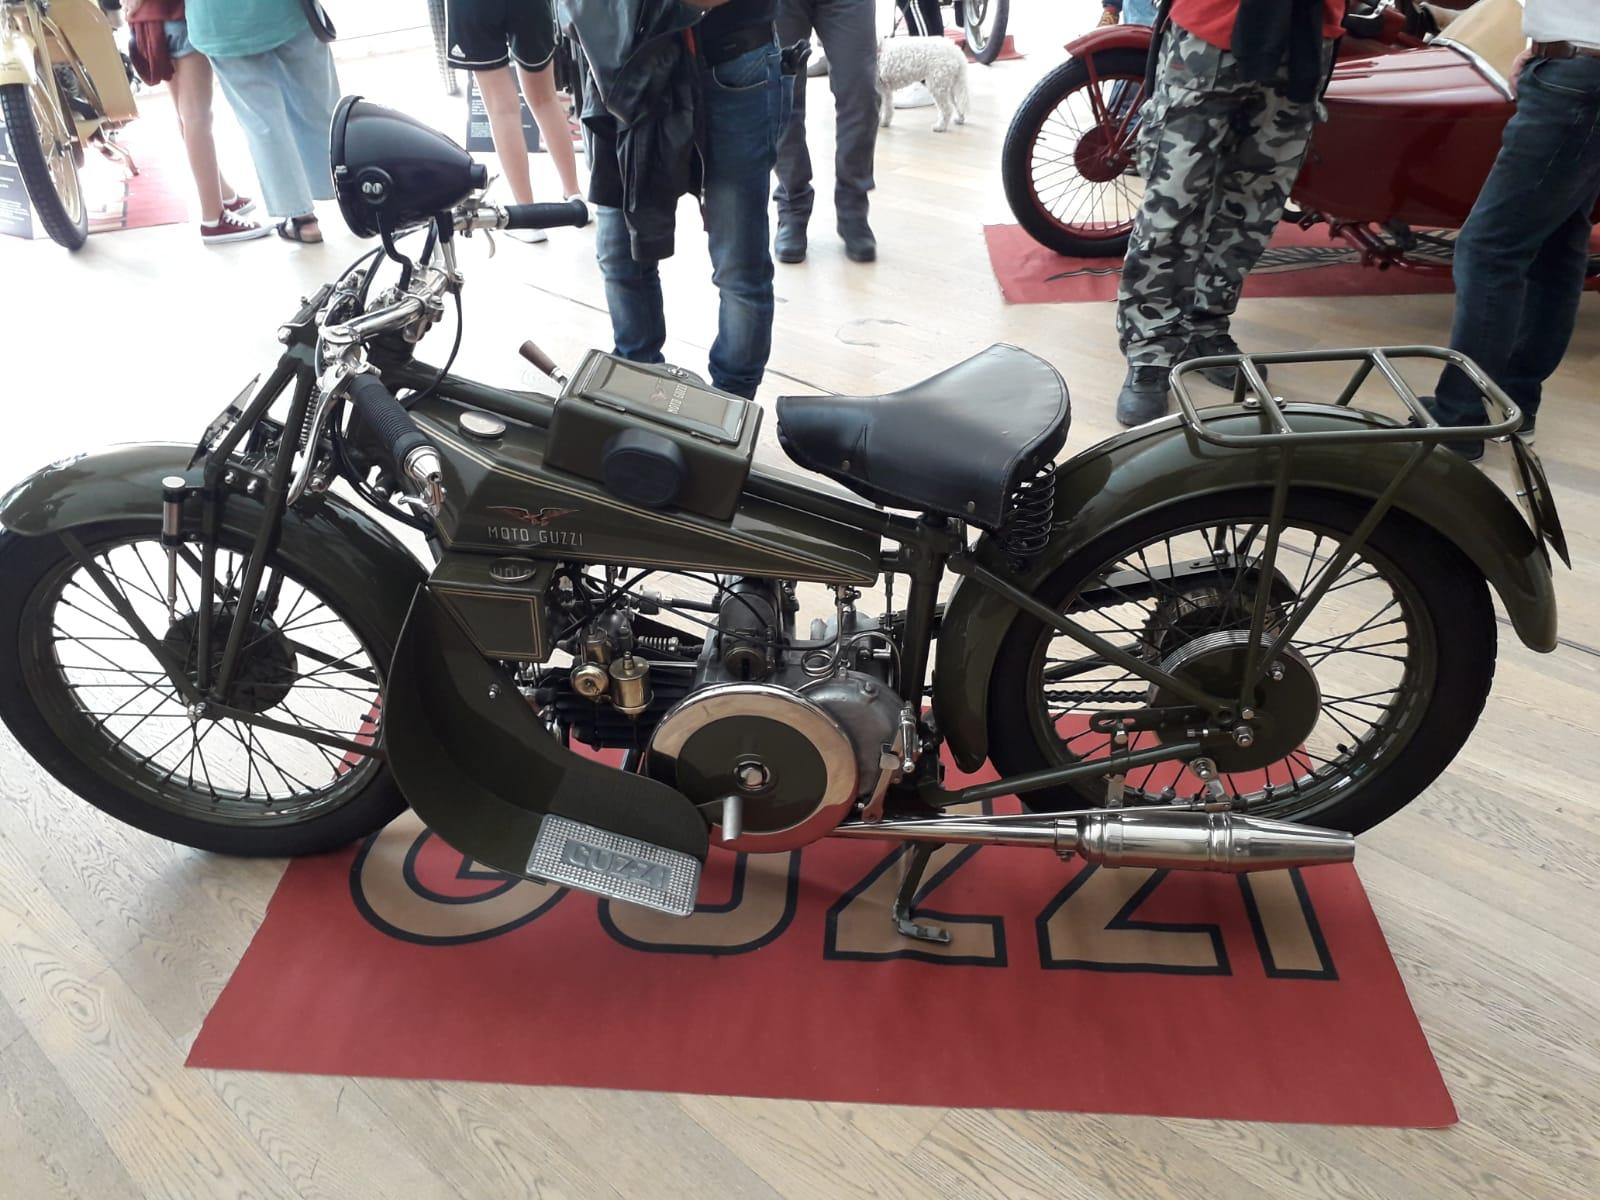 Moto Guzzi Raduno 2019 (15).jpeg